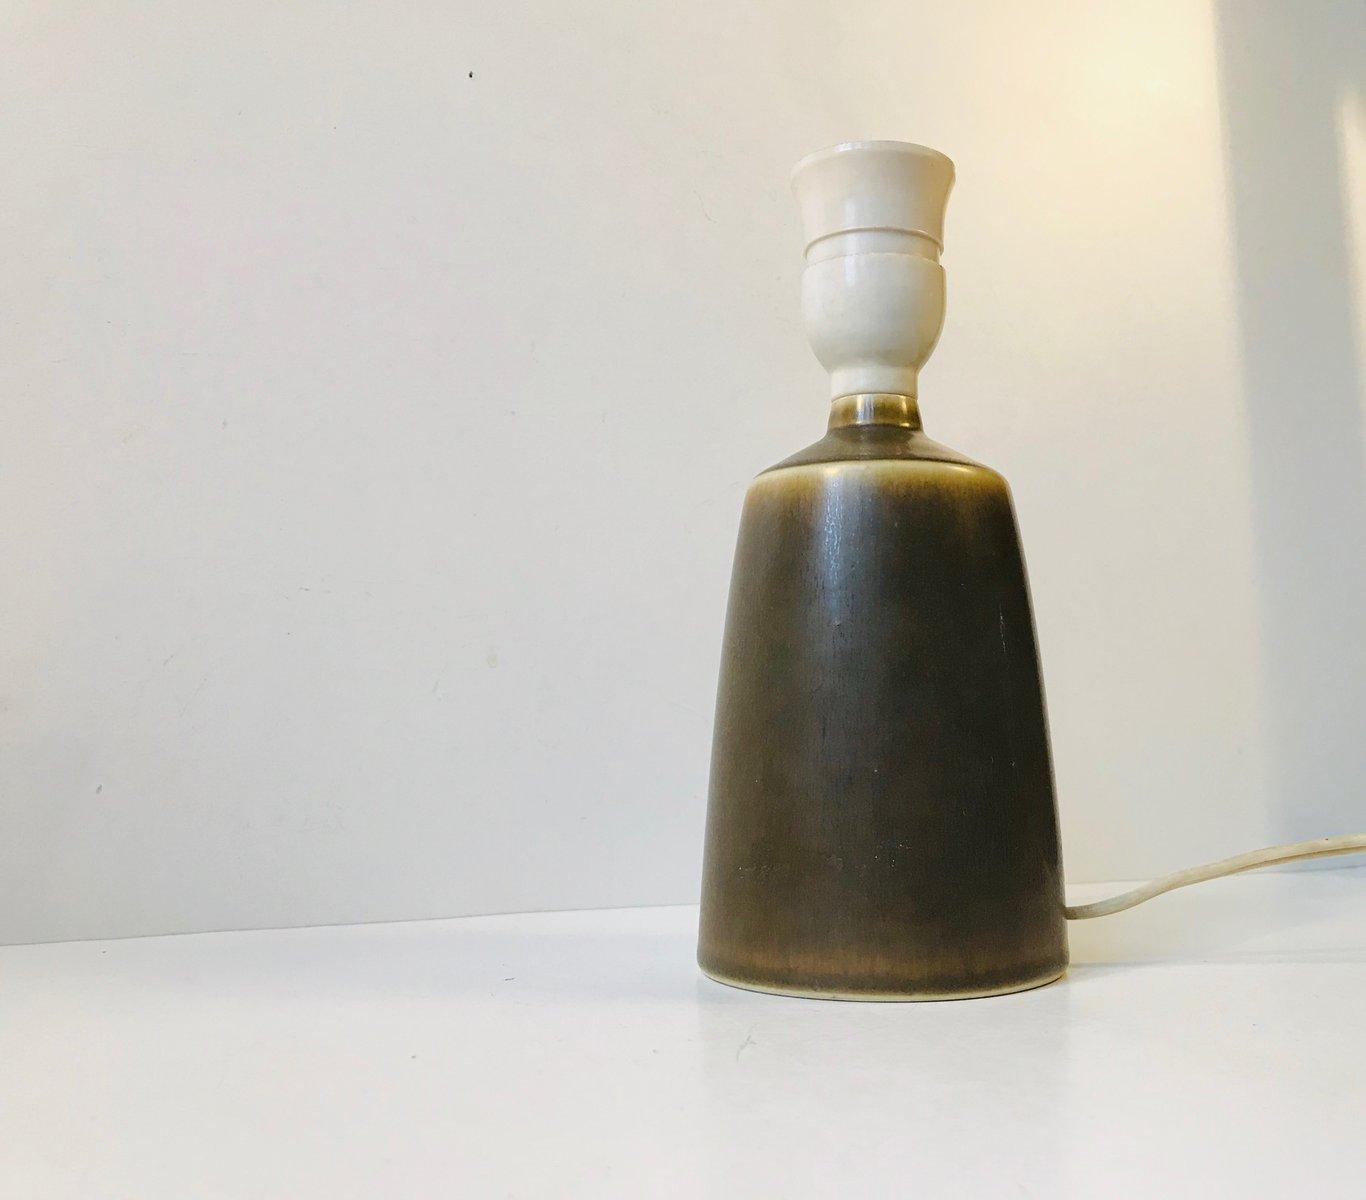 Glasierte Vintage Tischlampe aus Keramik in Hasenfell-Optik von Per Li...